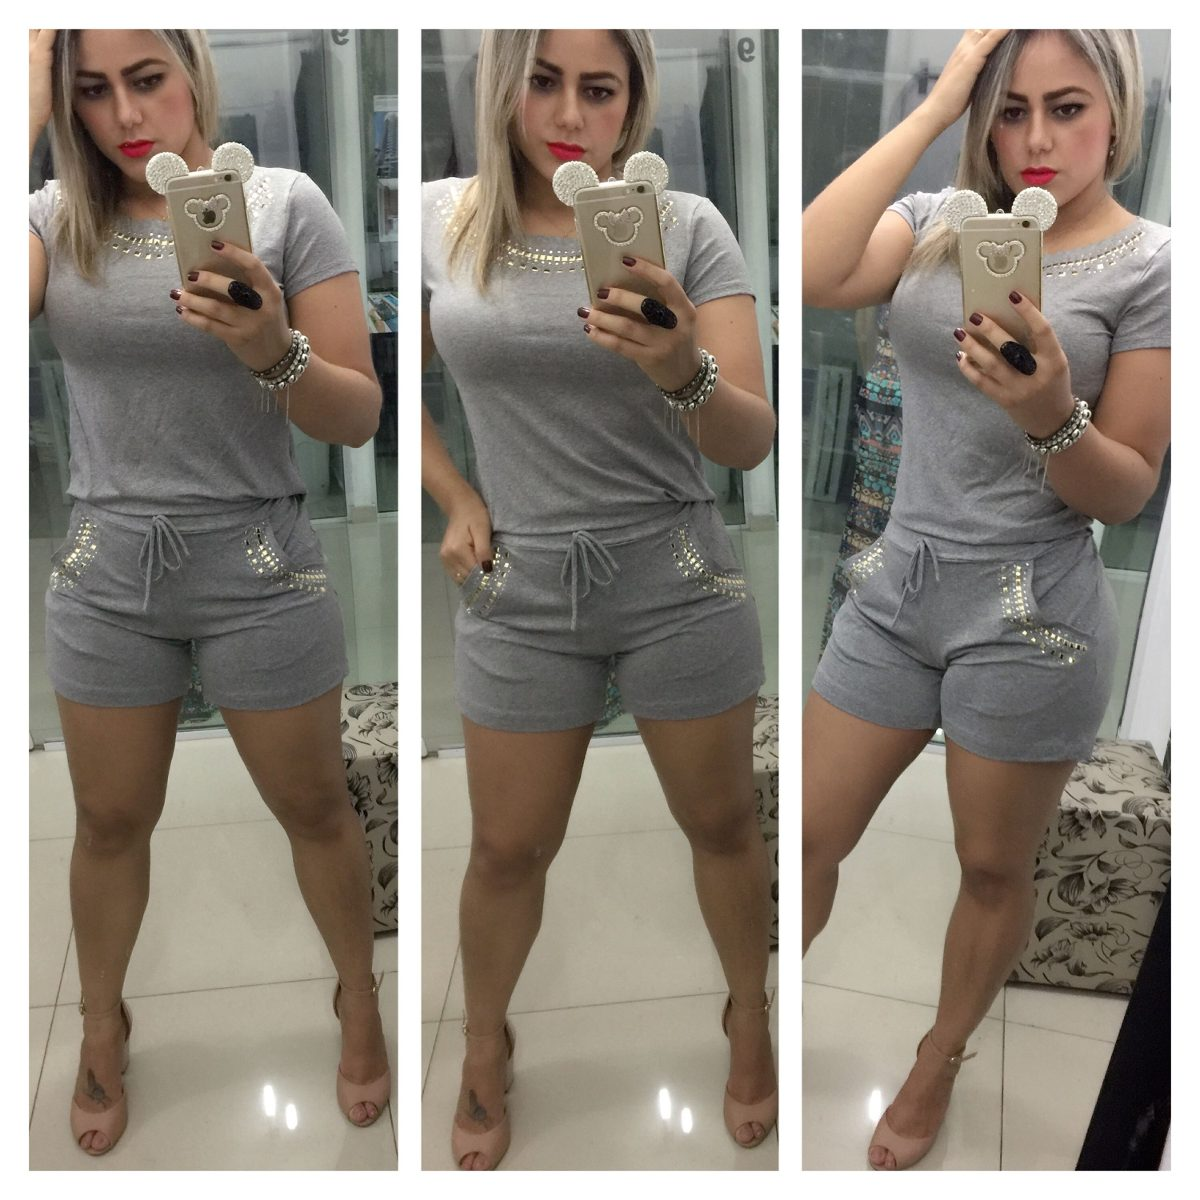 3567f435d2 Conjunto Feminino Com Pedras Roupas Da Moda São Paulo - R$ 129,90 em ...